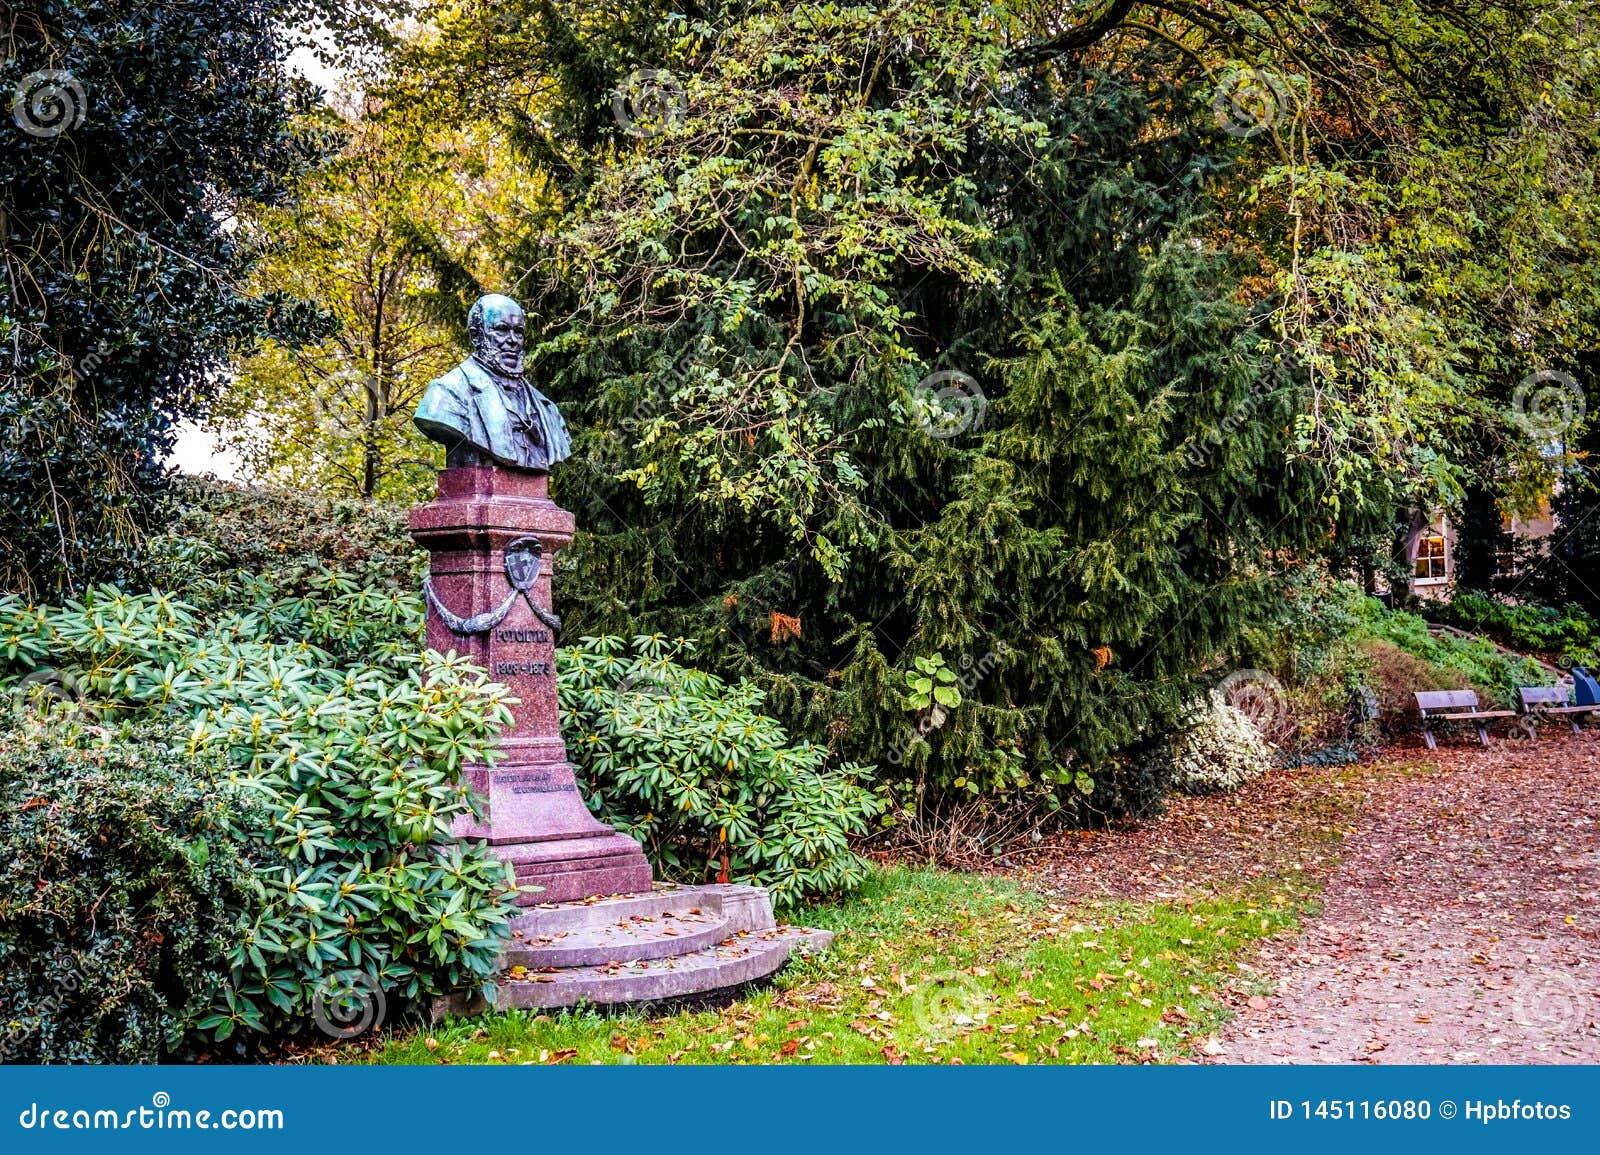 Statue der historischer Persönlichkeit Potgieter in Zwolle